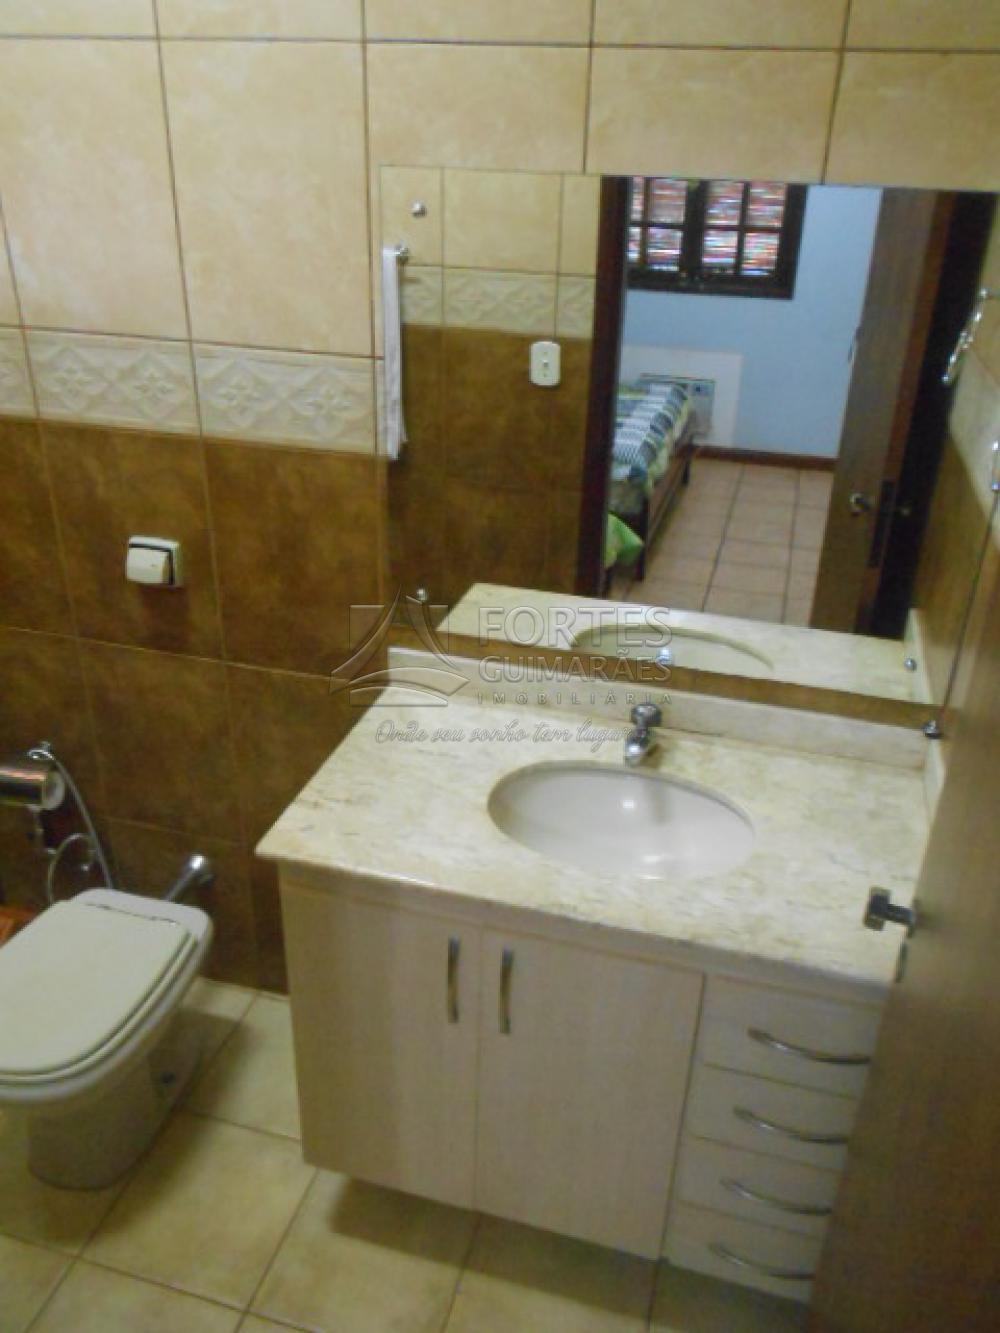 Alugar Casas / Condomínio em Jardinópolis apenas R$ 3.000,00 - Foto 37